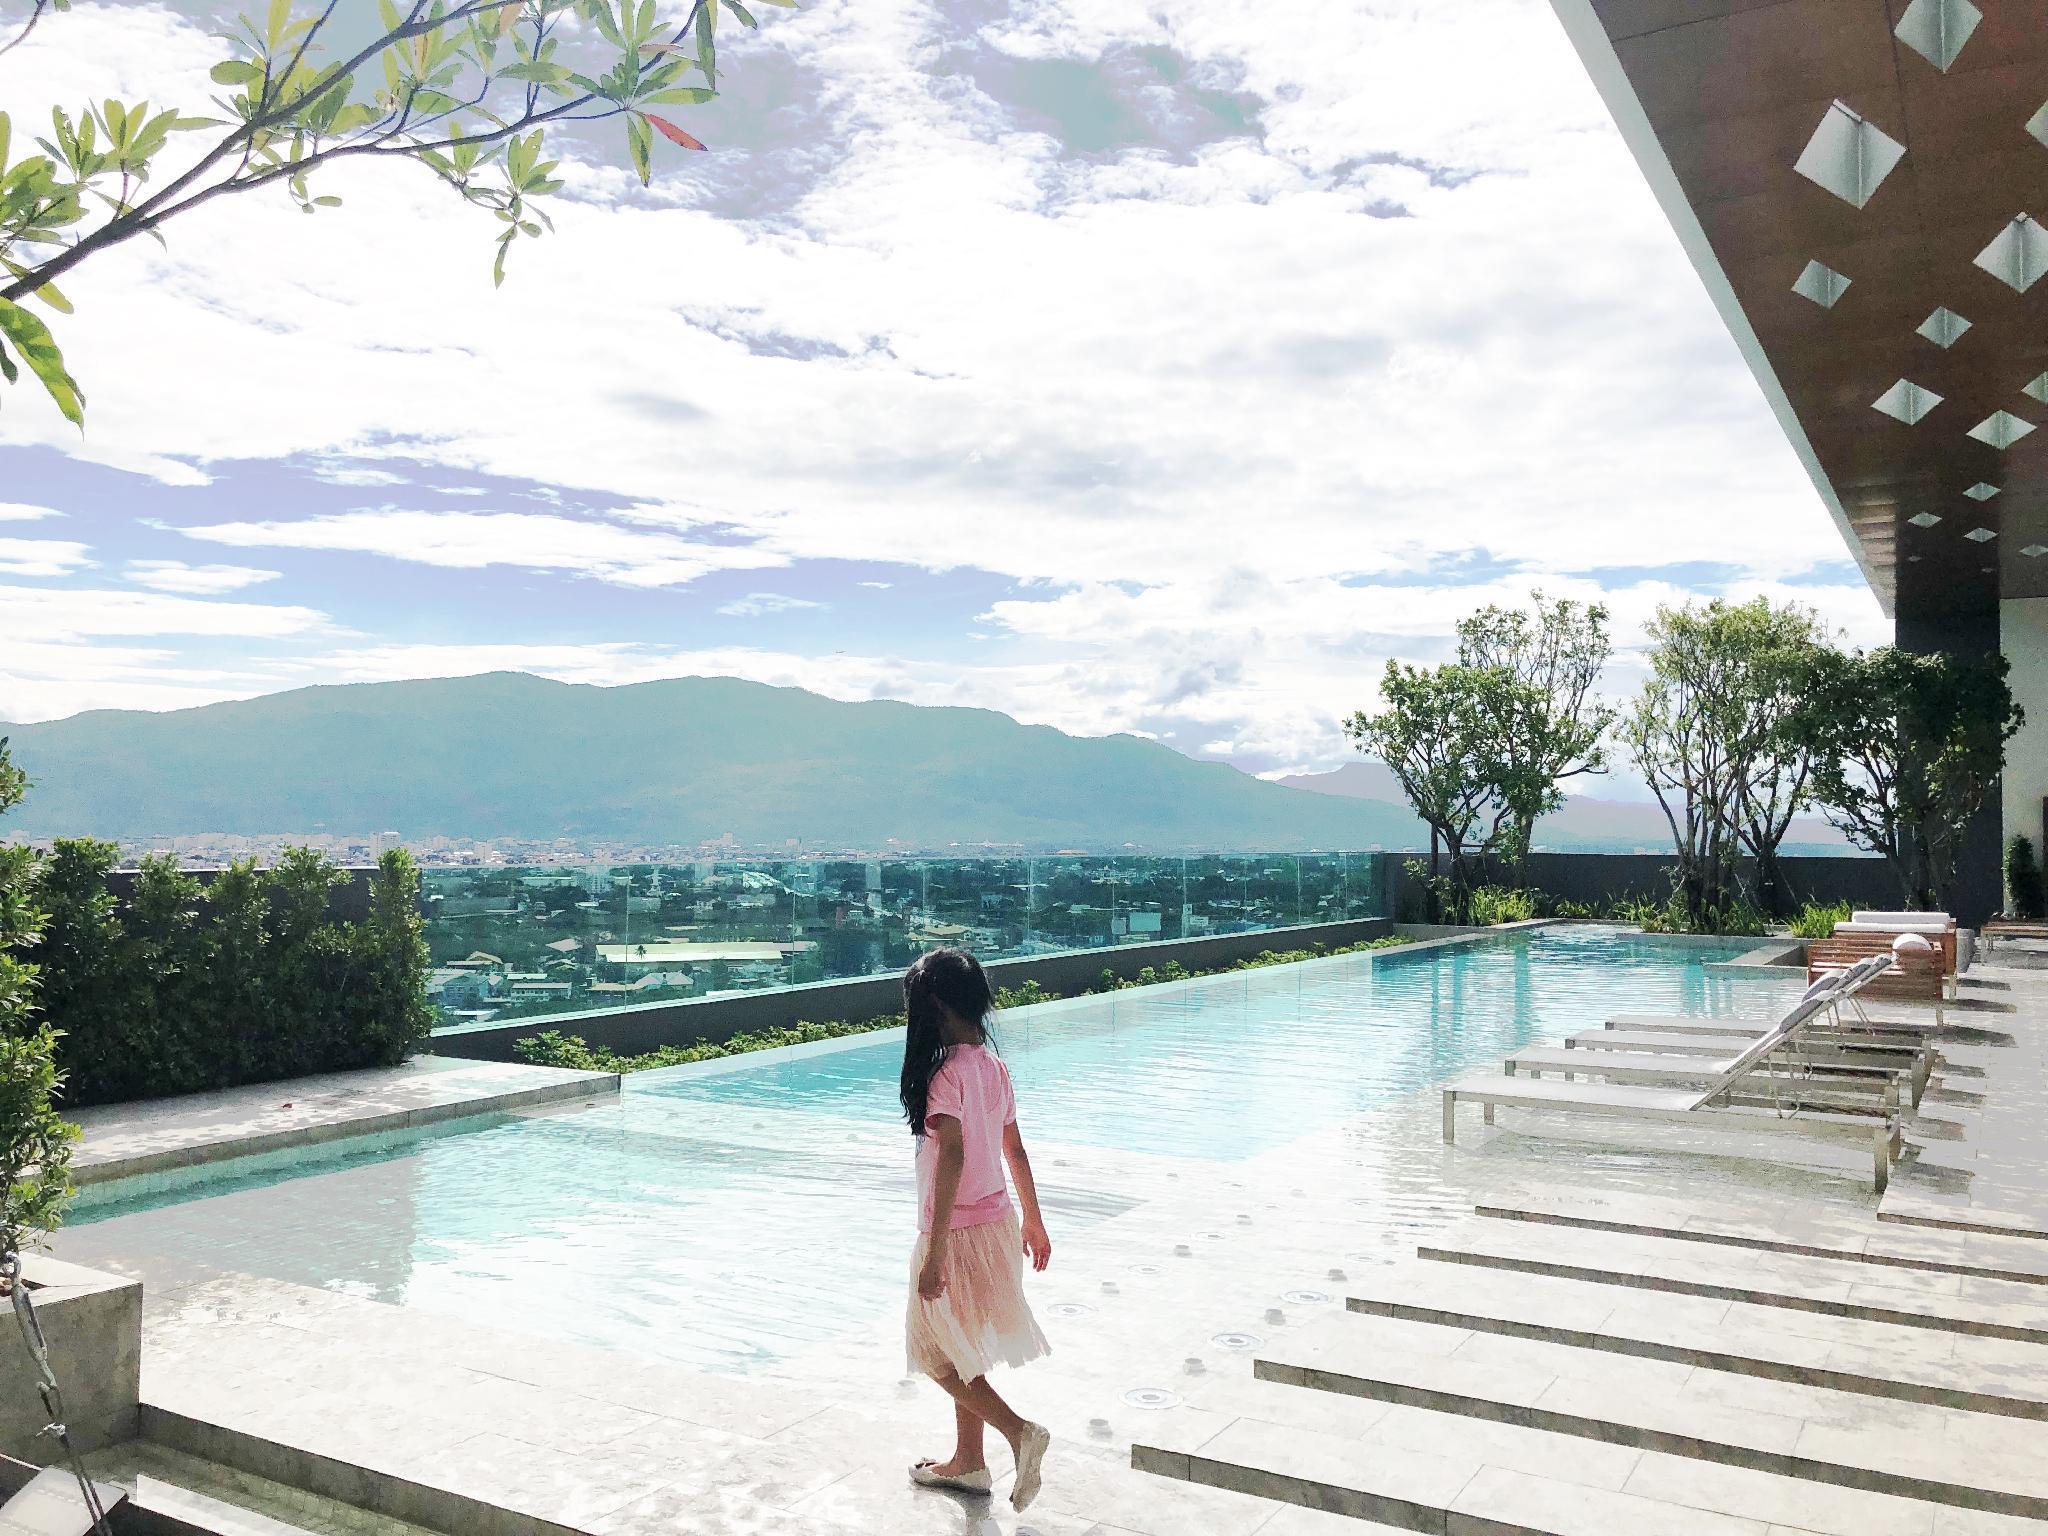 Escent Chiangmai อพาร์ตเมนต์ 1 ห้องนอน 1 ห้องน้ำส่วนตัว ขนาด 31 ตร.ม. – สันทราย